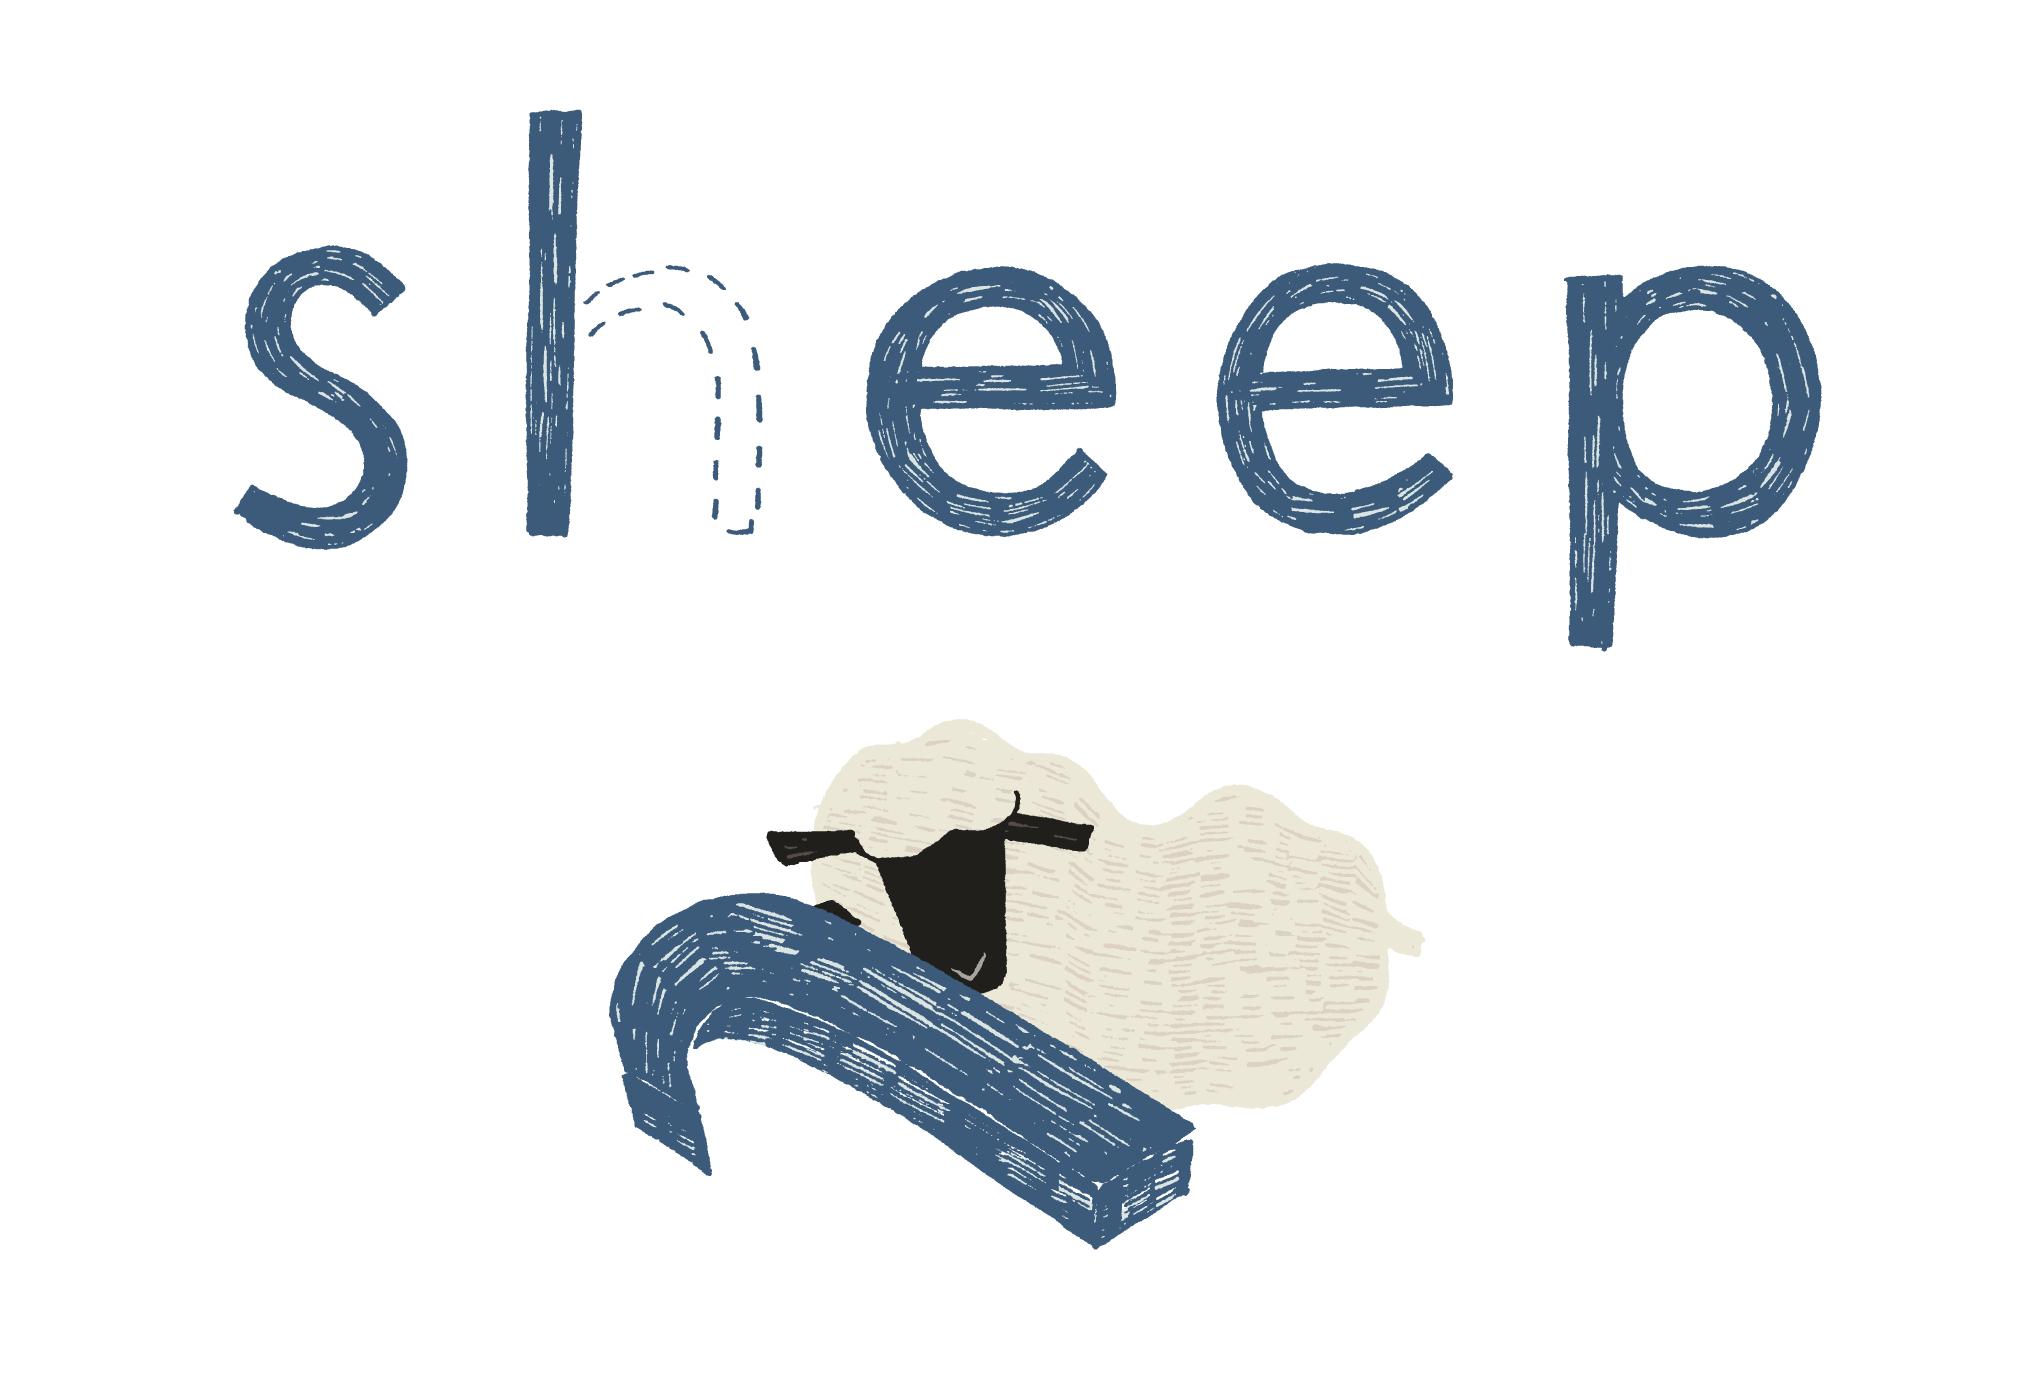 2015年賀状16-1:Sheep, Sleep / 横 1のダウンロード画像